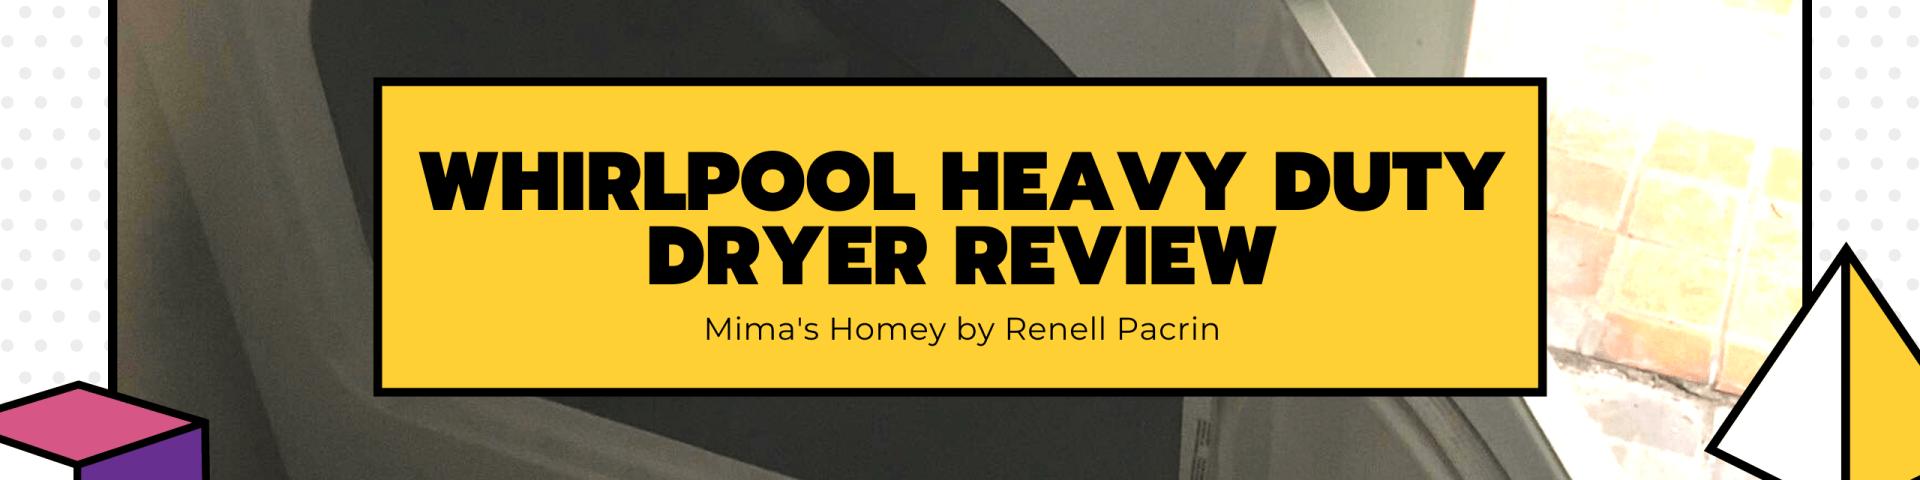 Whirlpool Heavy Duty Dryer Review